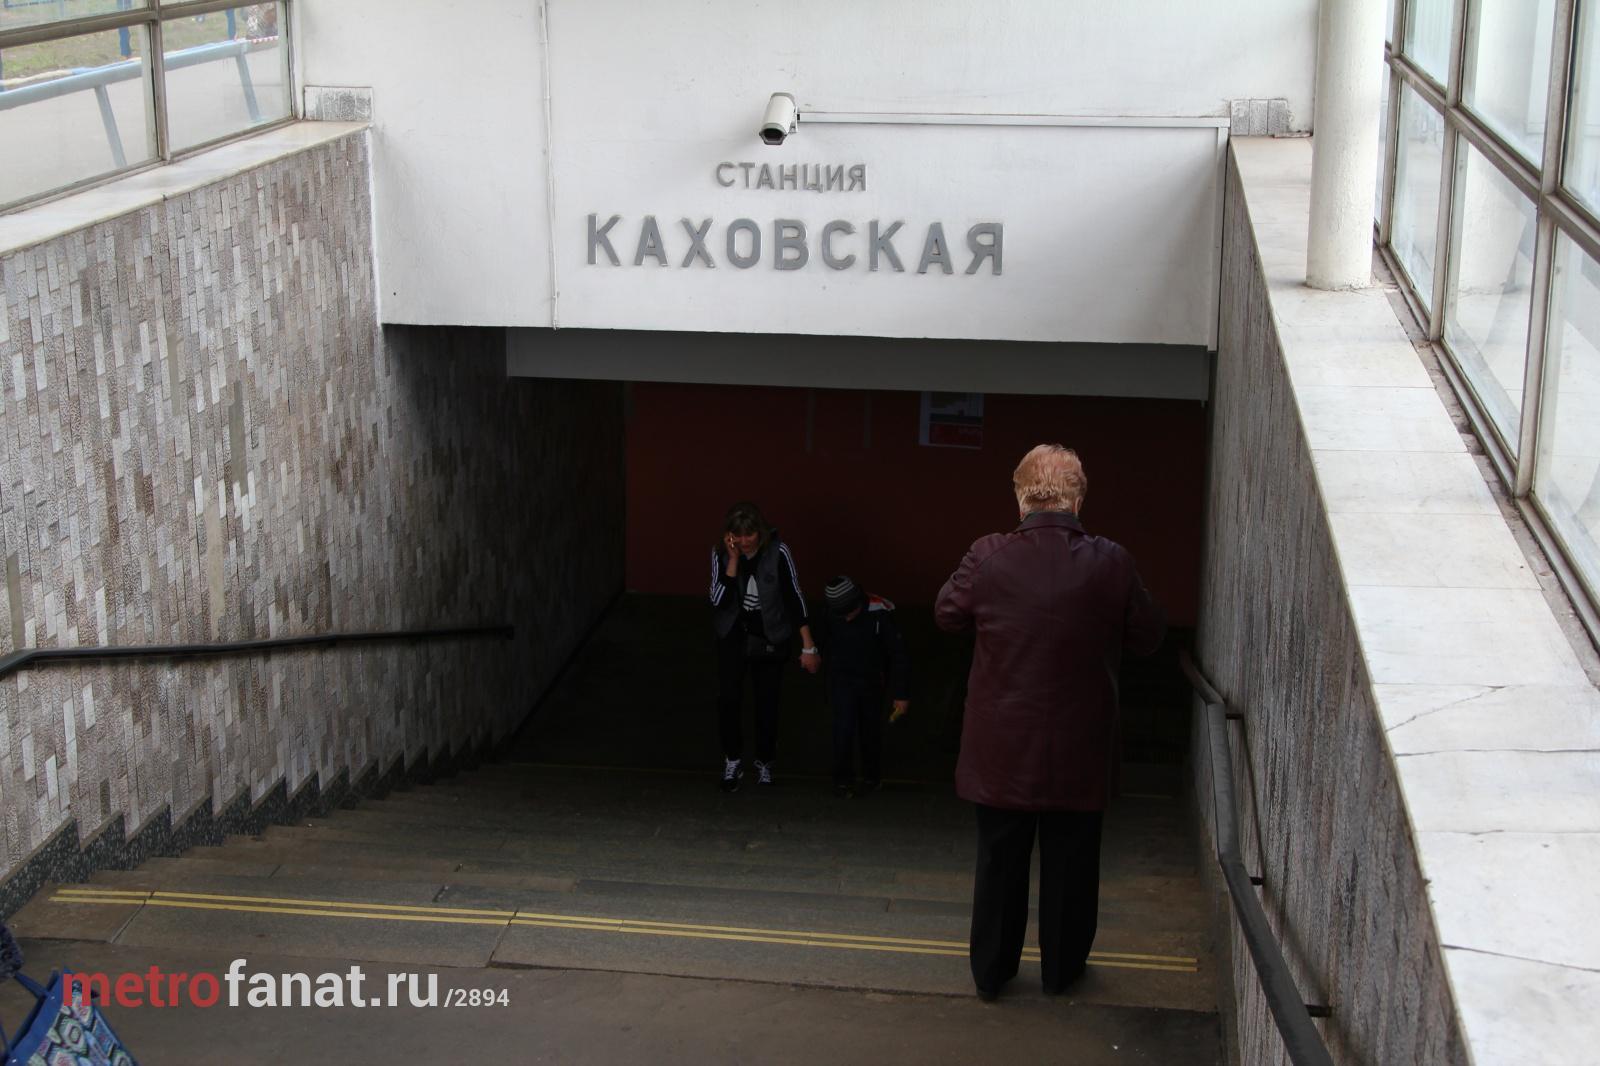 каховская лестница.jpg